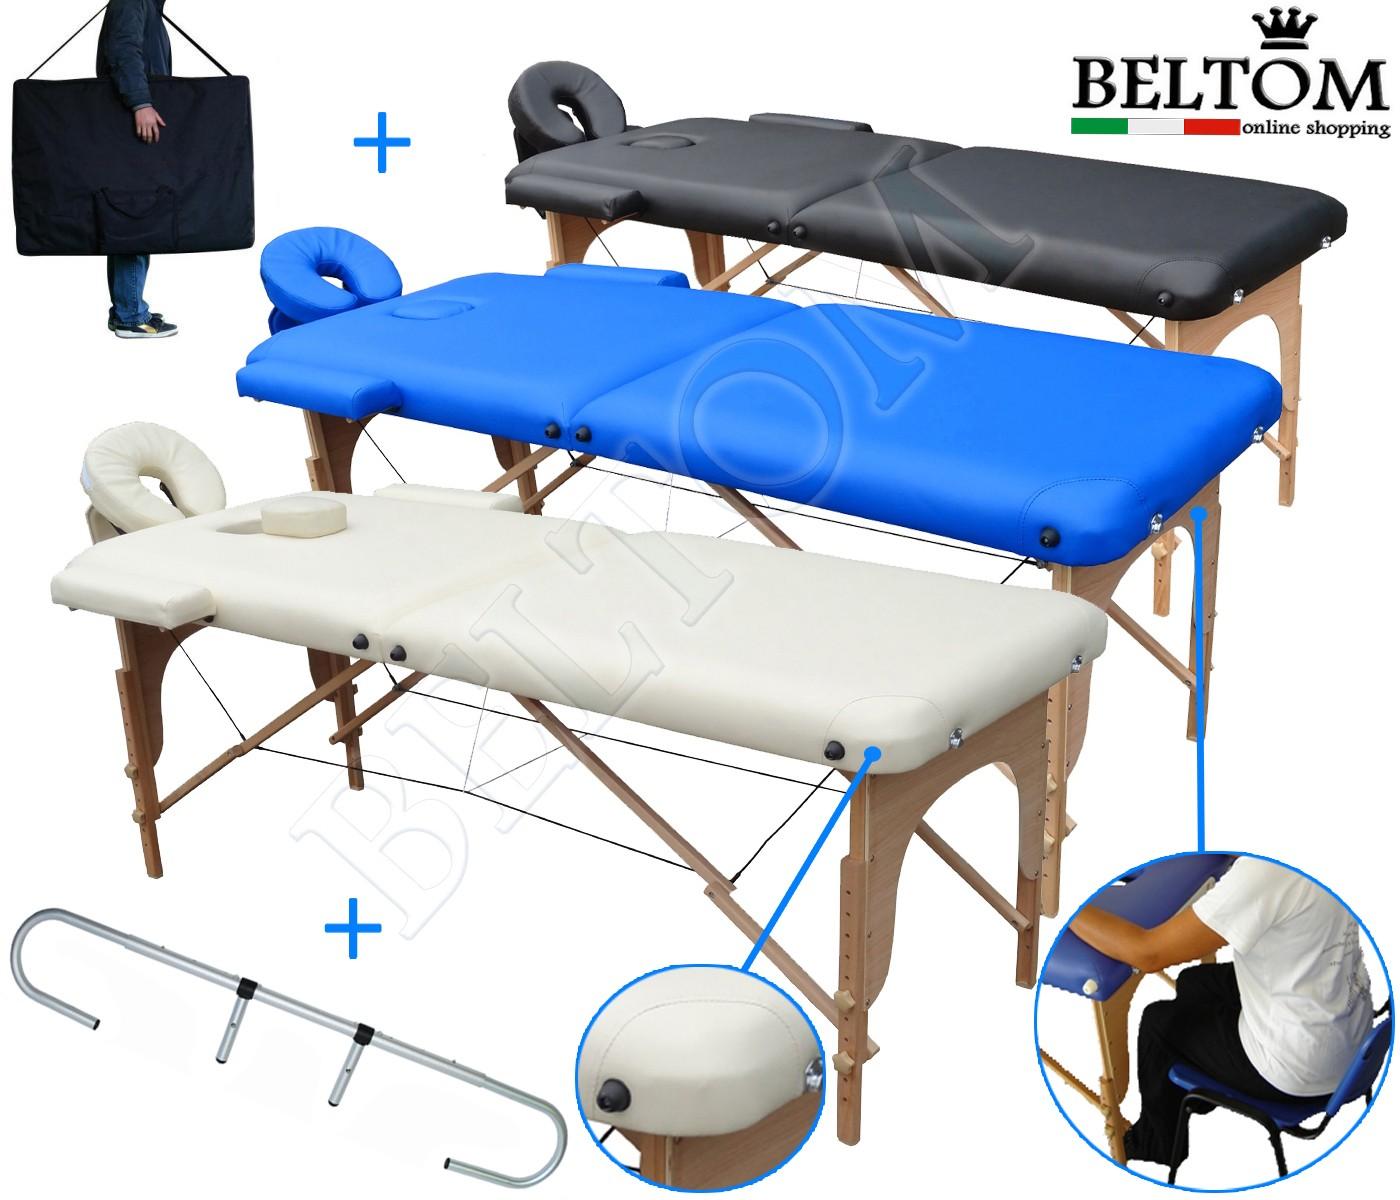 Lettino Per Massaggio Prezzi.Lettino Da Massaggio 2 Zone Portarotolo